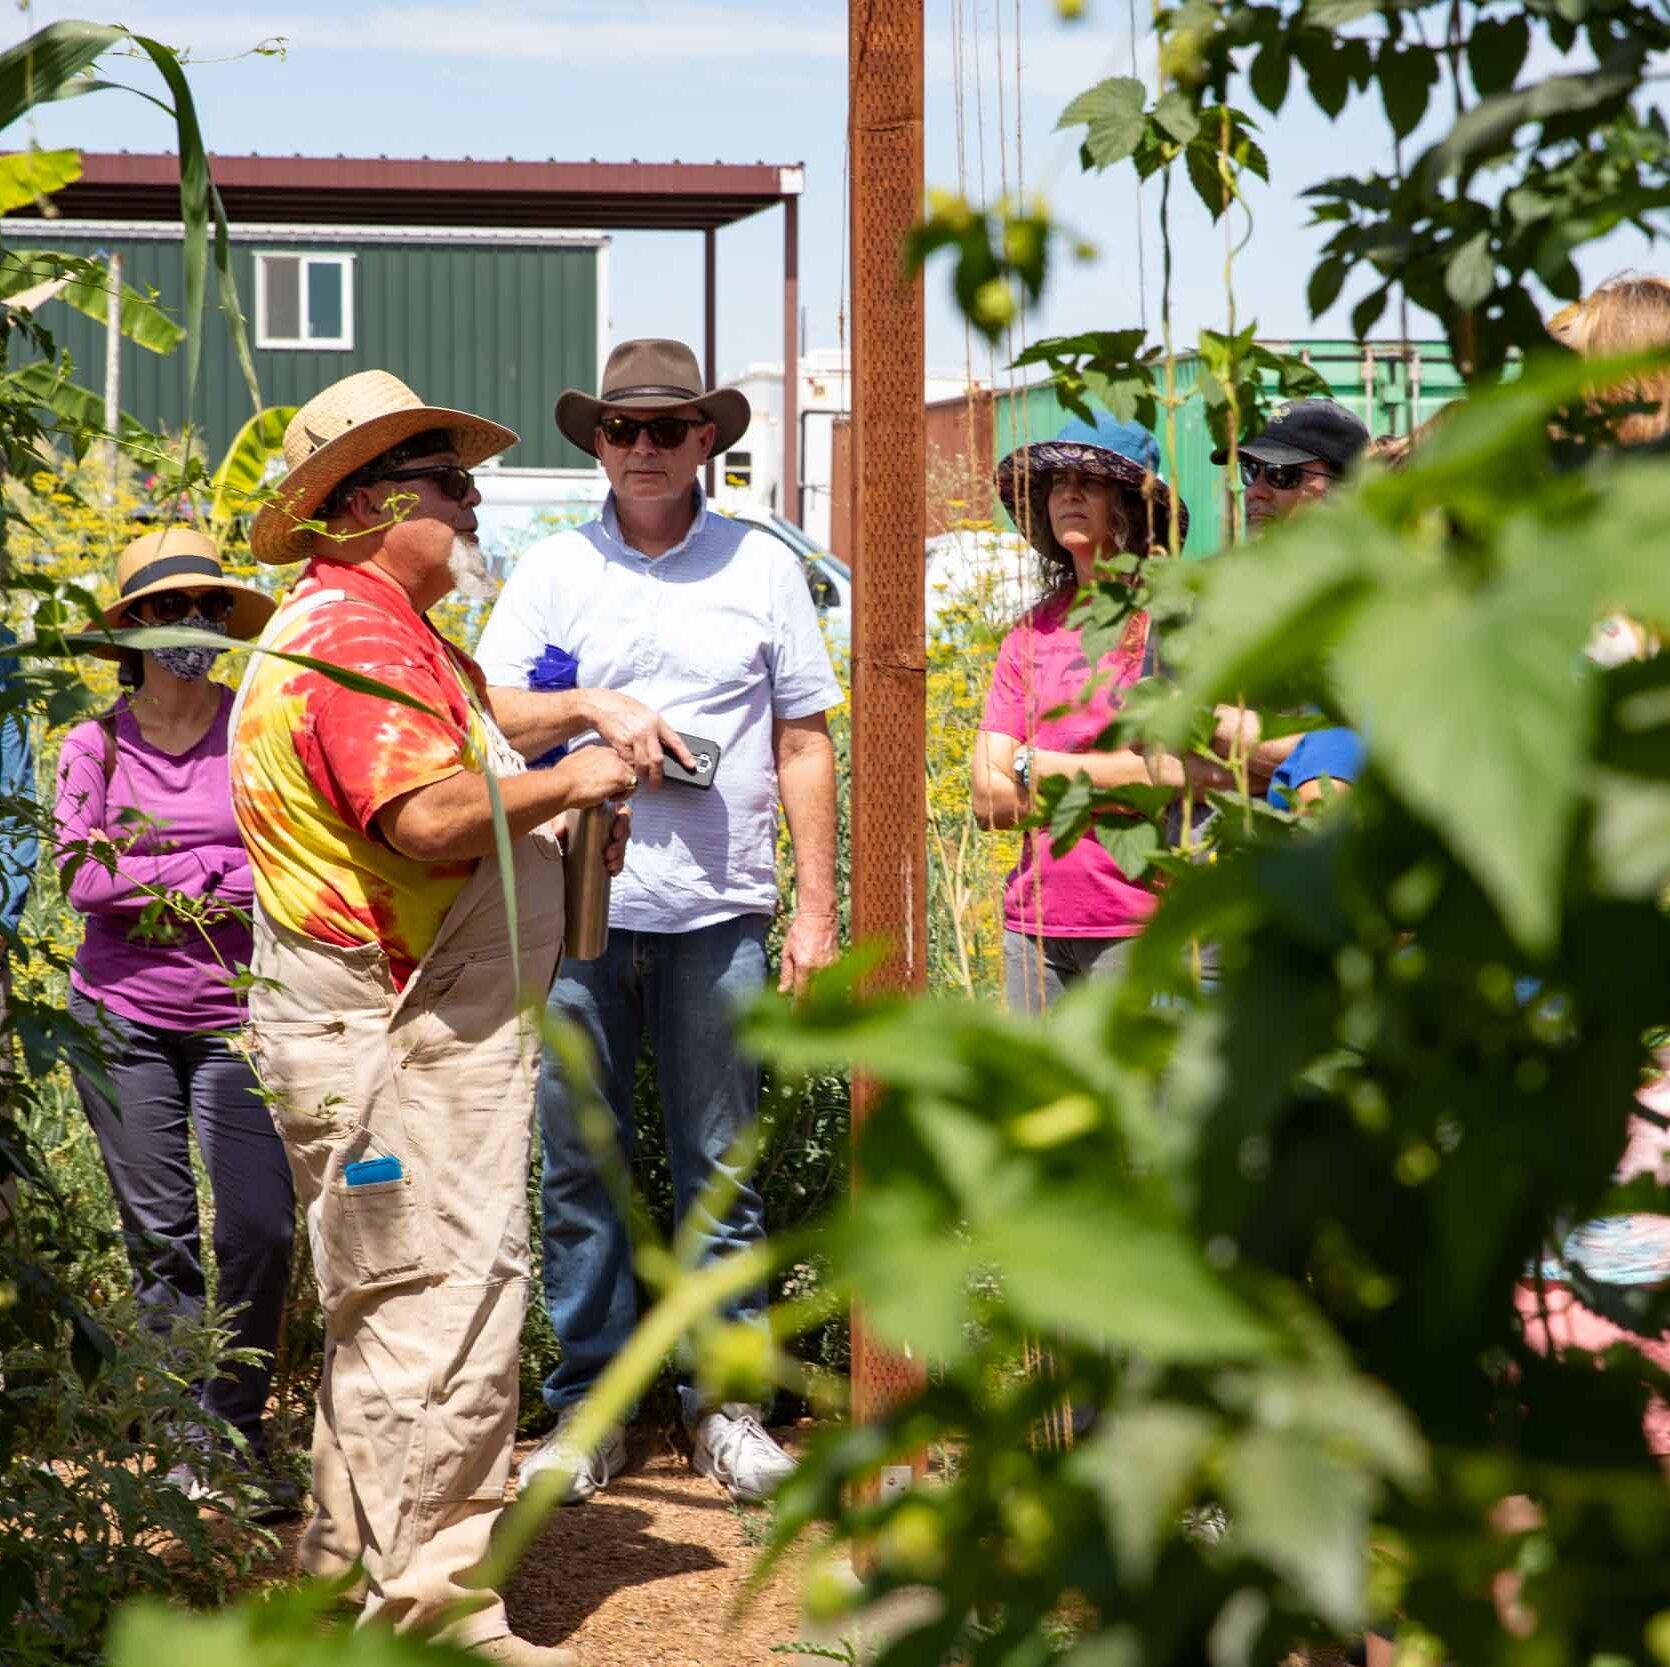 urban-farming-tours-in-Arizona